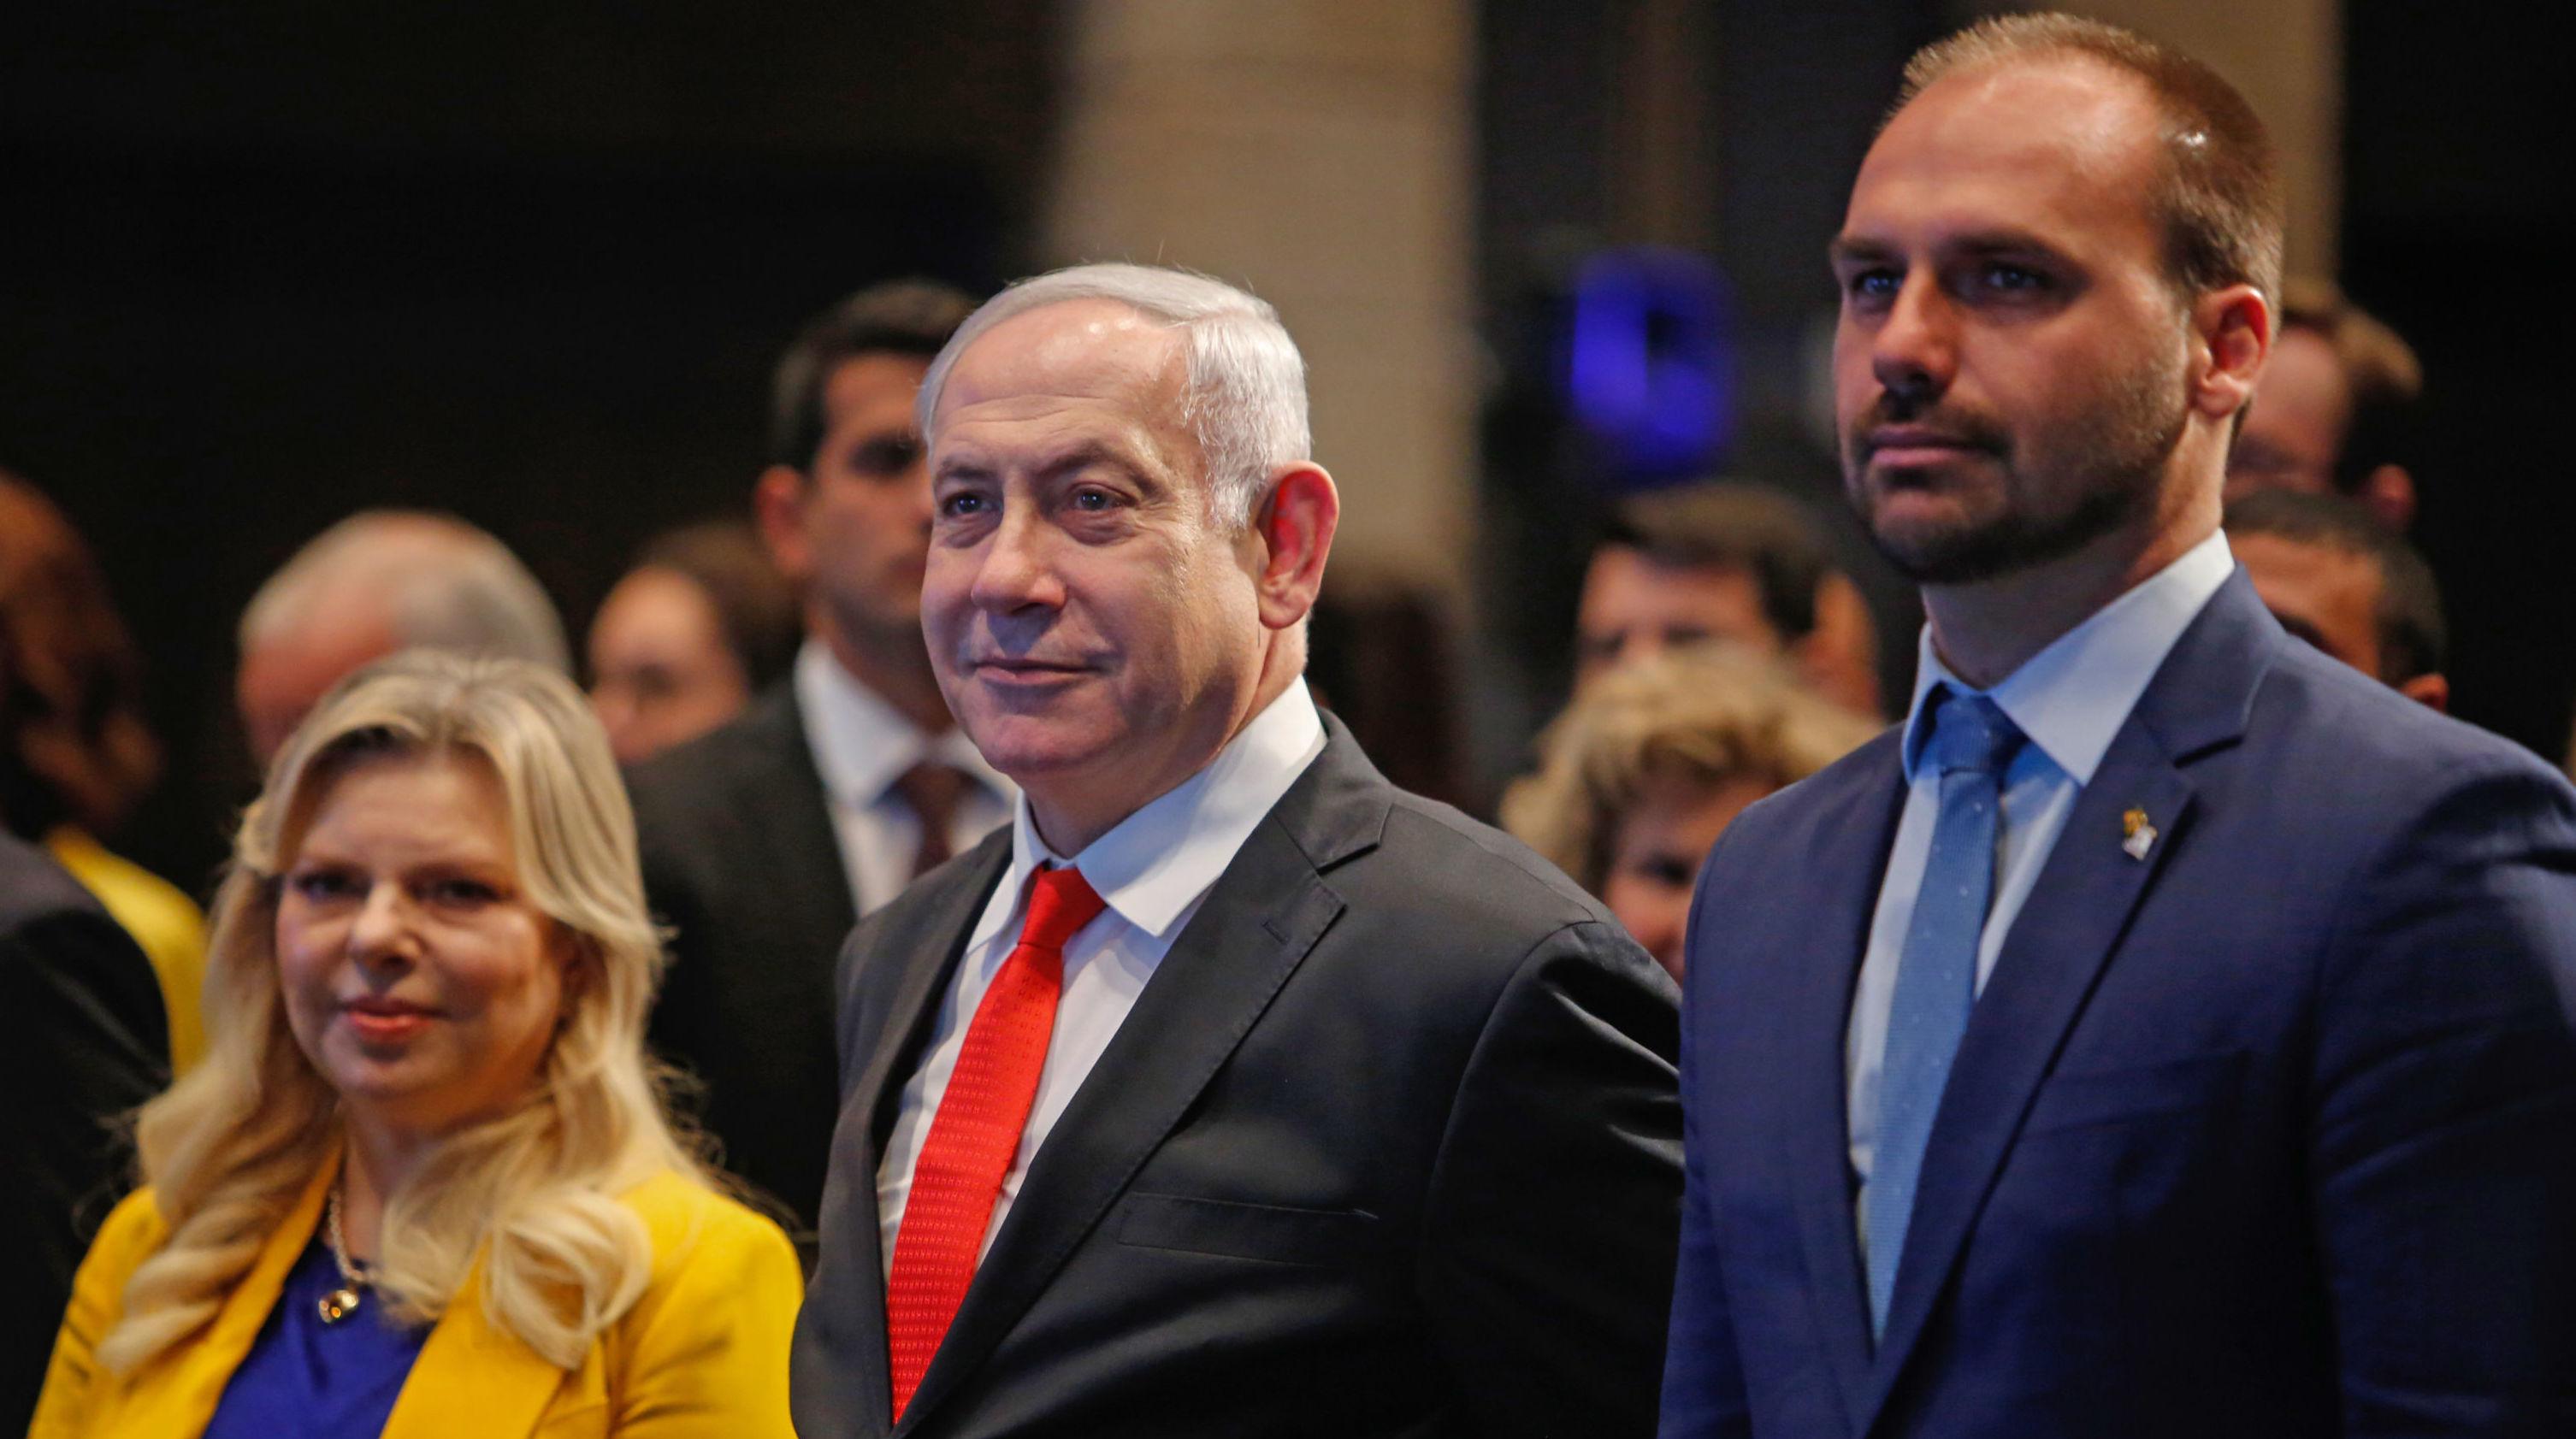 Benjamín Netanyahu, junto a su esposa Sara, y Eduardo Bolsonaro durante la ceremonia de inauguración de la oficina comercial brasileña en Jerusalén